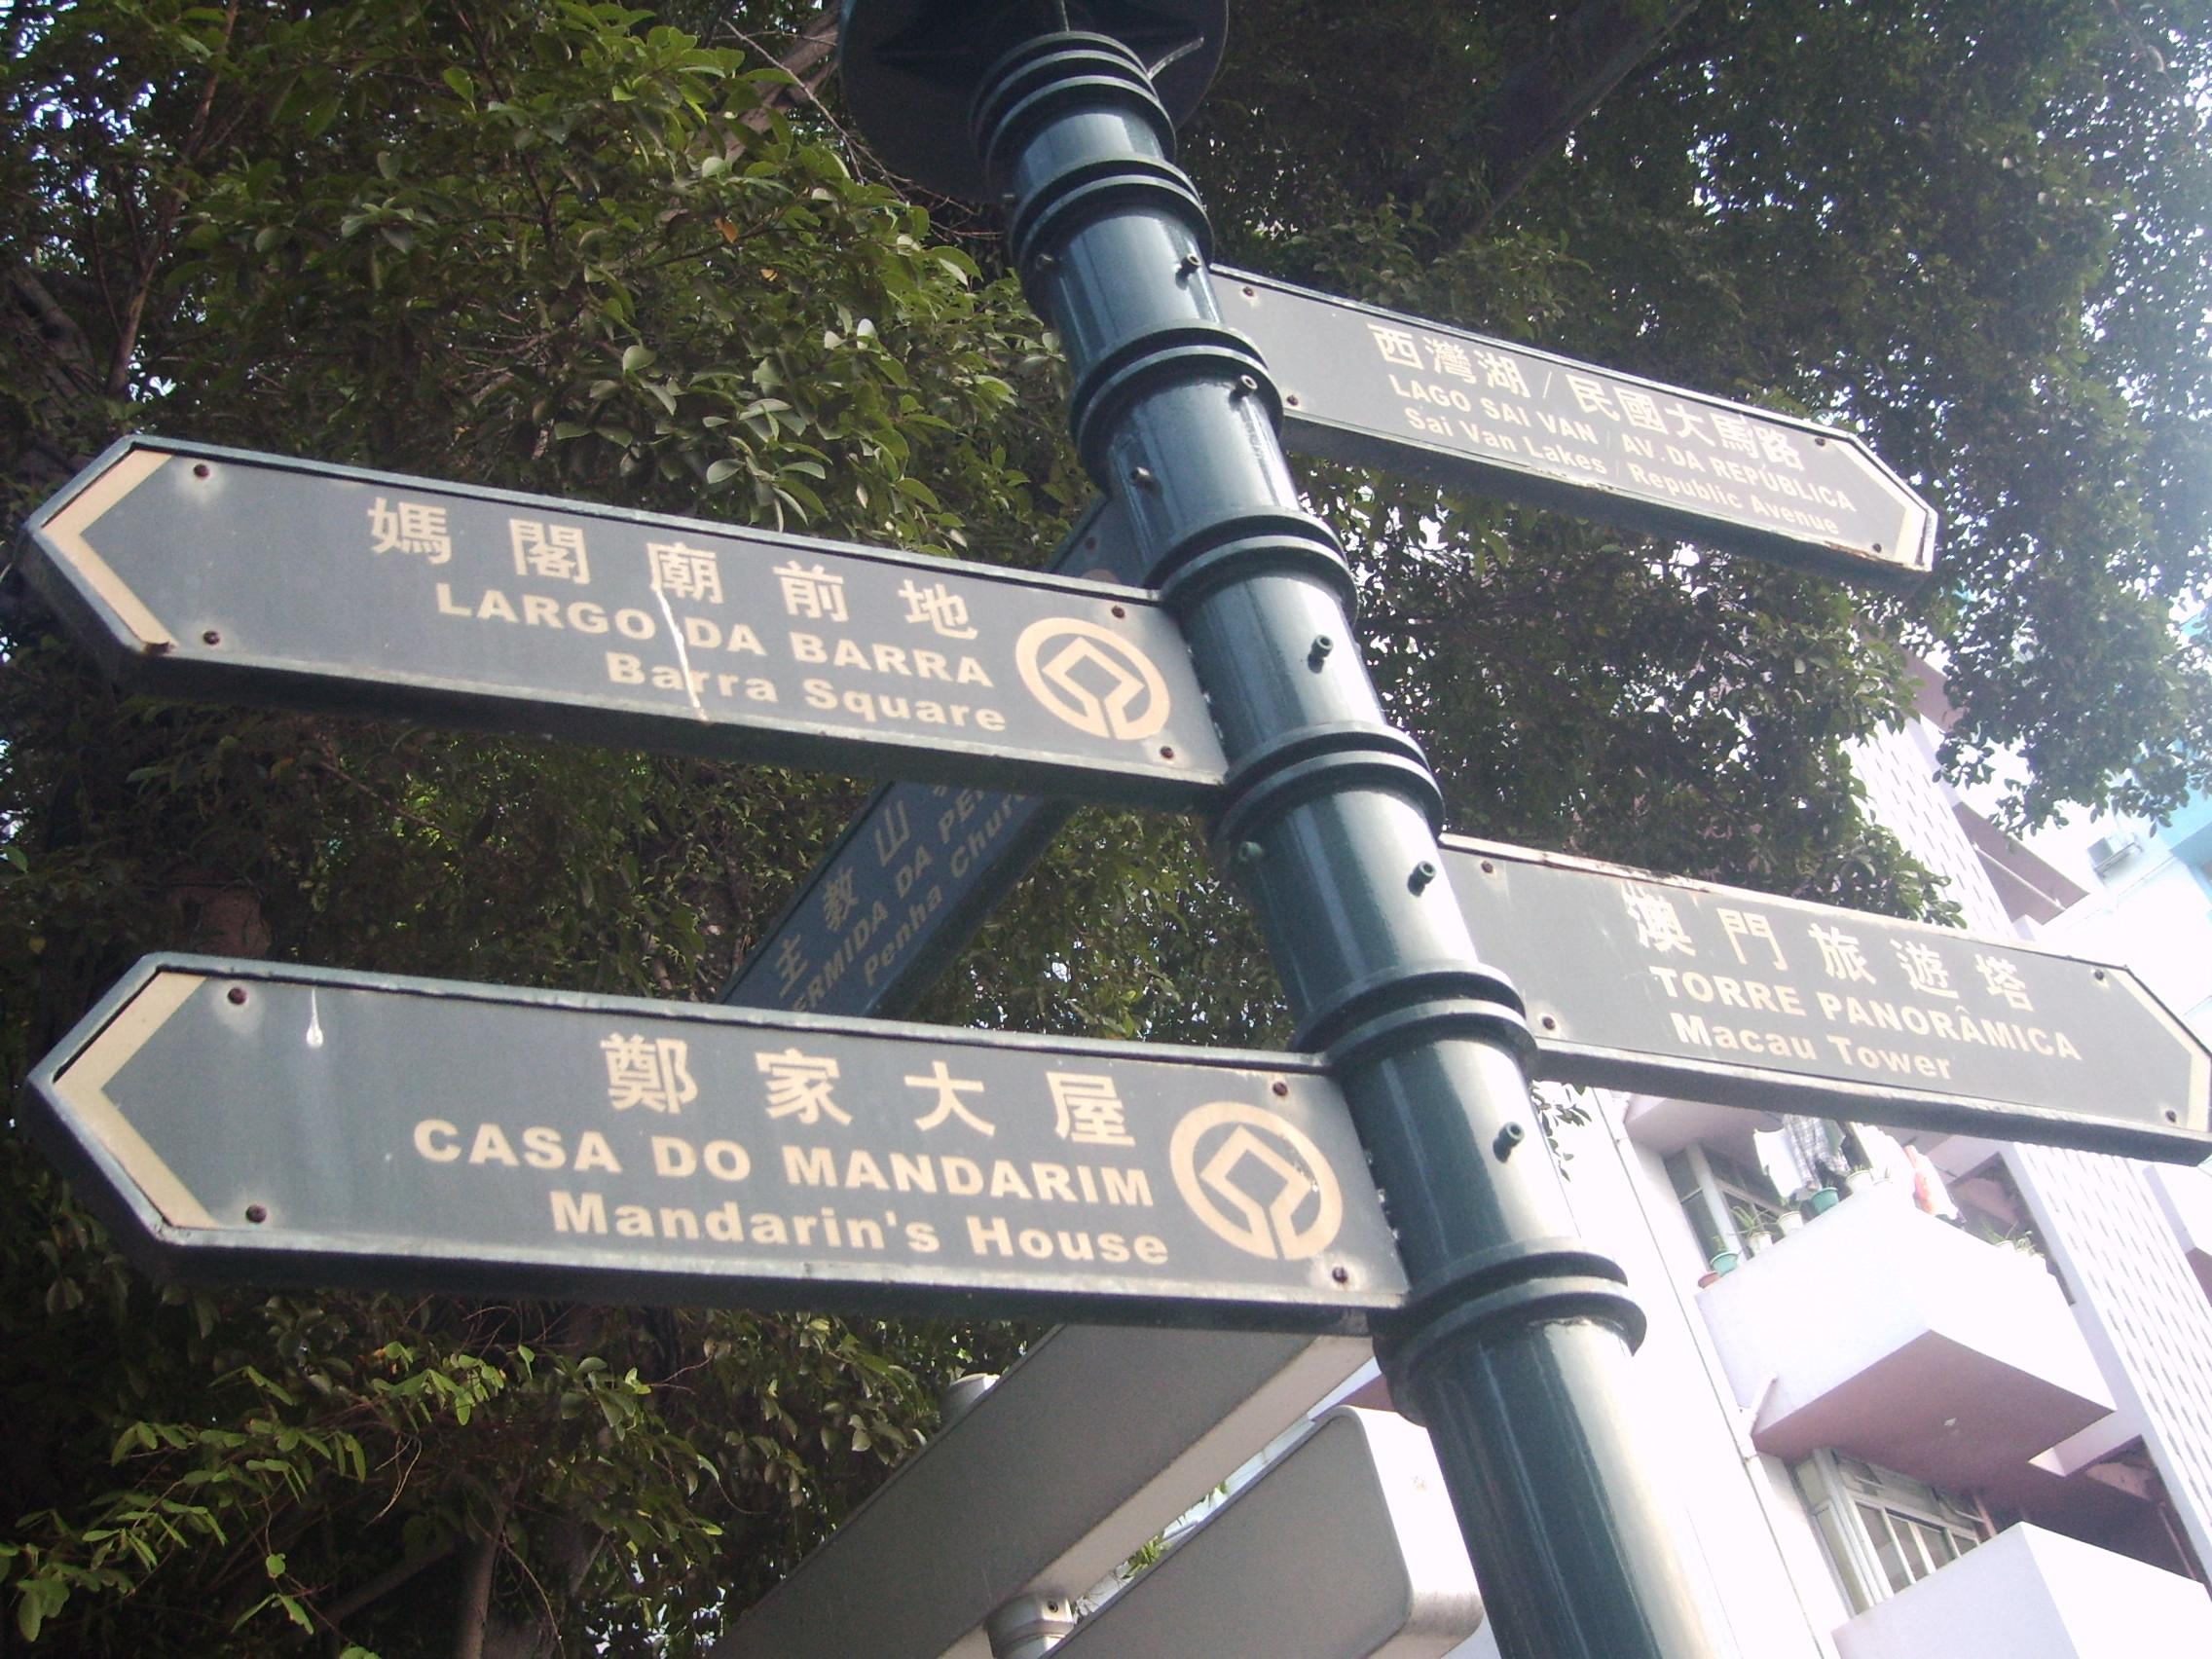 Placa de rua de Macau, em cantonês e português. Imagem ilustrativa texto países que falam português.